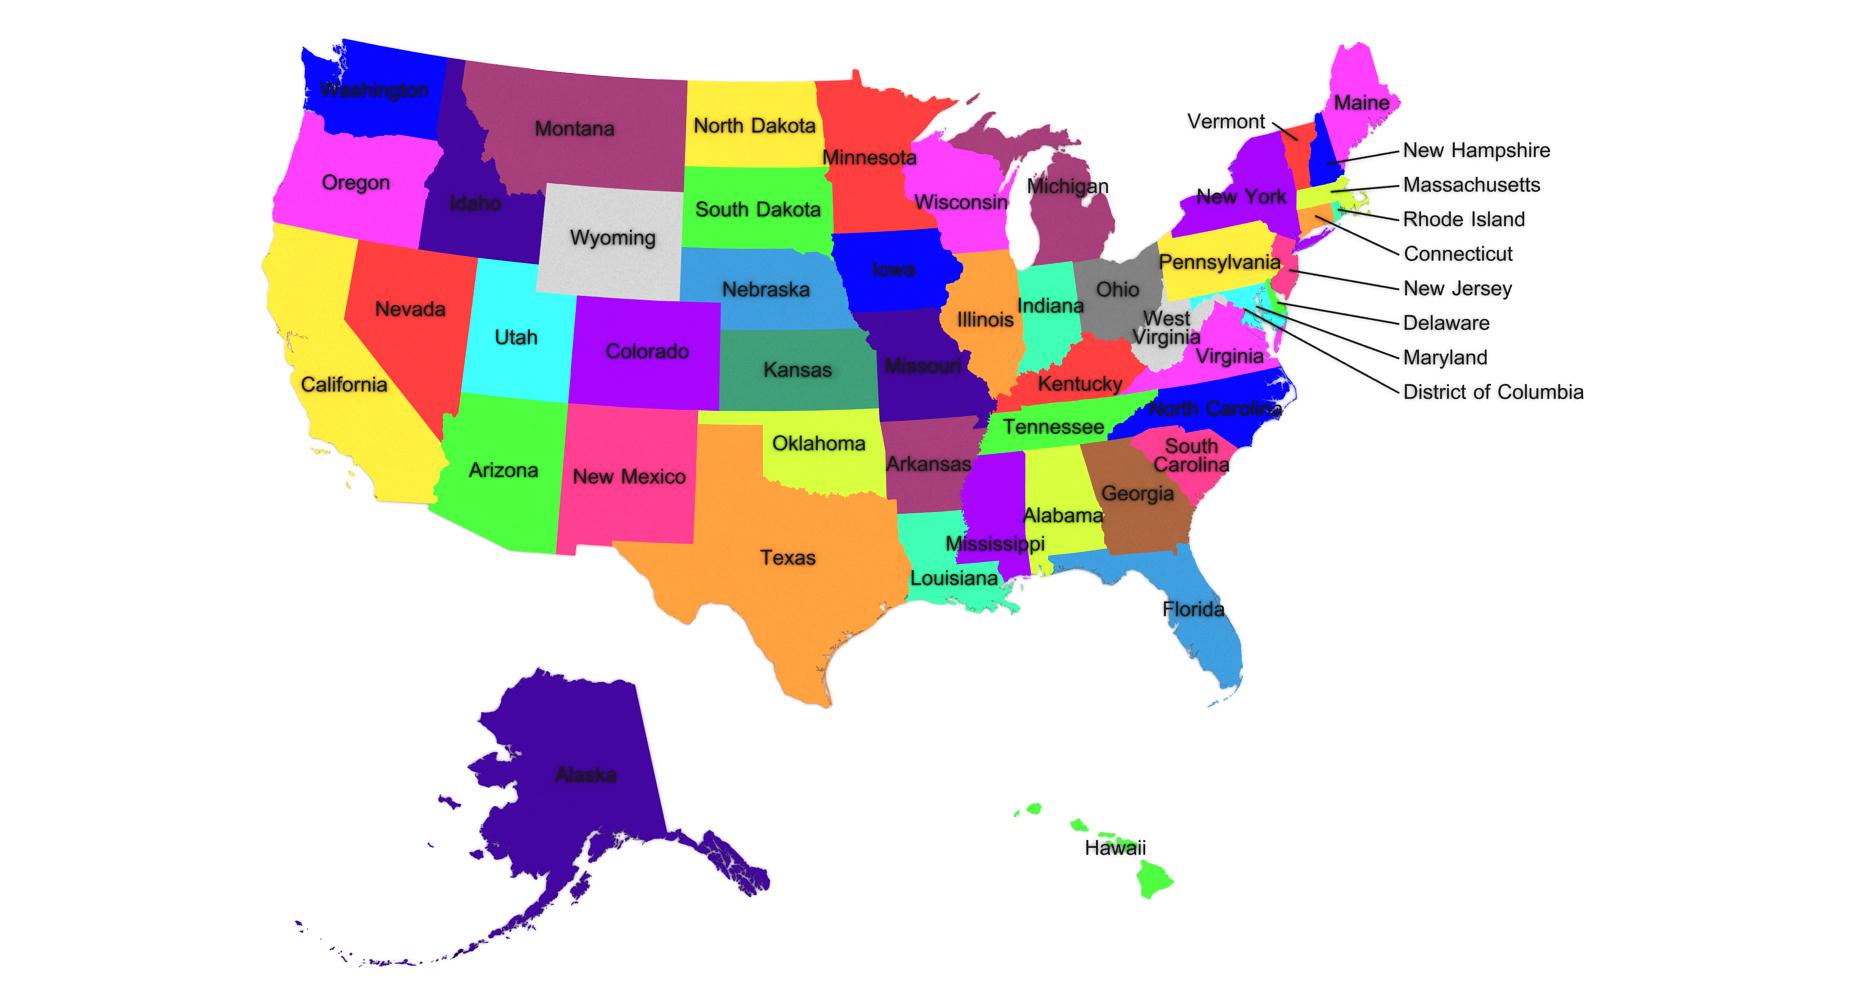 USA Staaten benannt